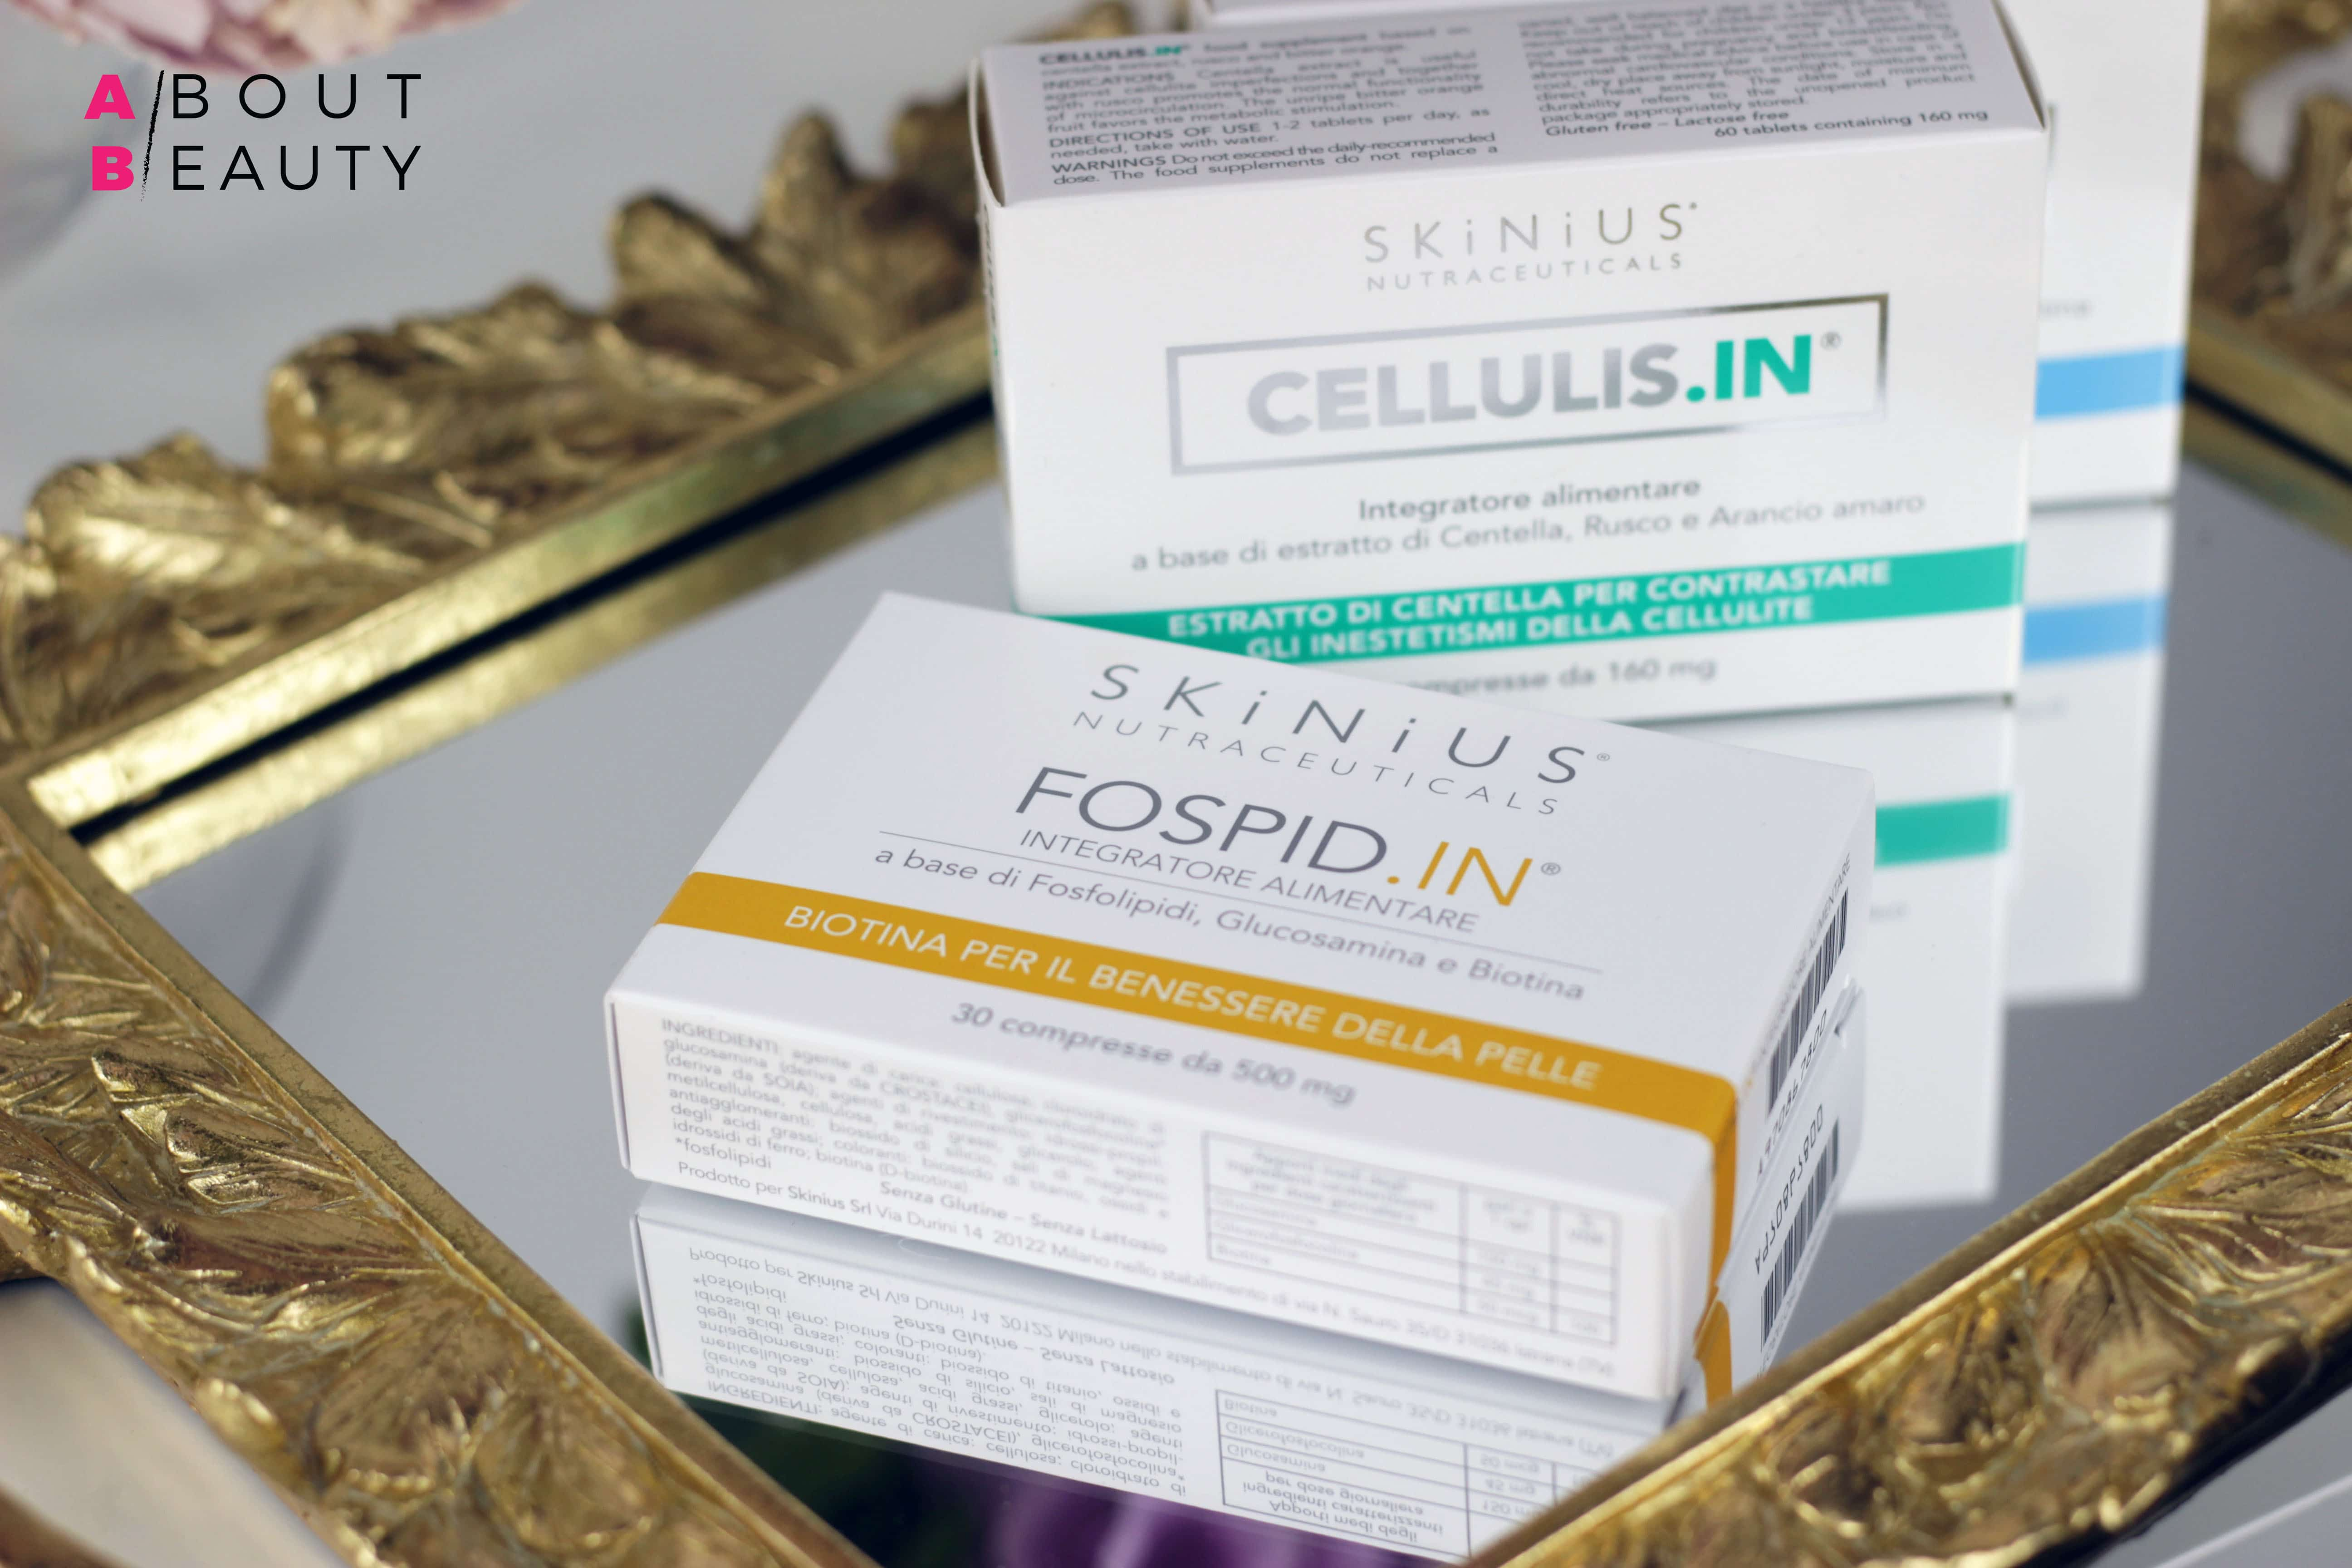 Skinius compie dieci anni: tutte le novità - Nuove formulazioni, packaging, travel size - Review, info, recensione, dove acquistare, prezzo, opinioni - Integratore alimentare Fospid.In